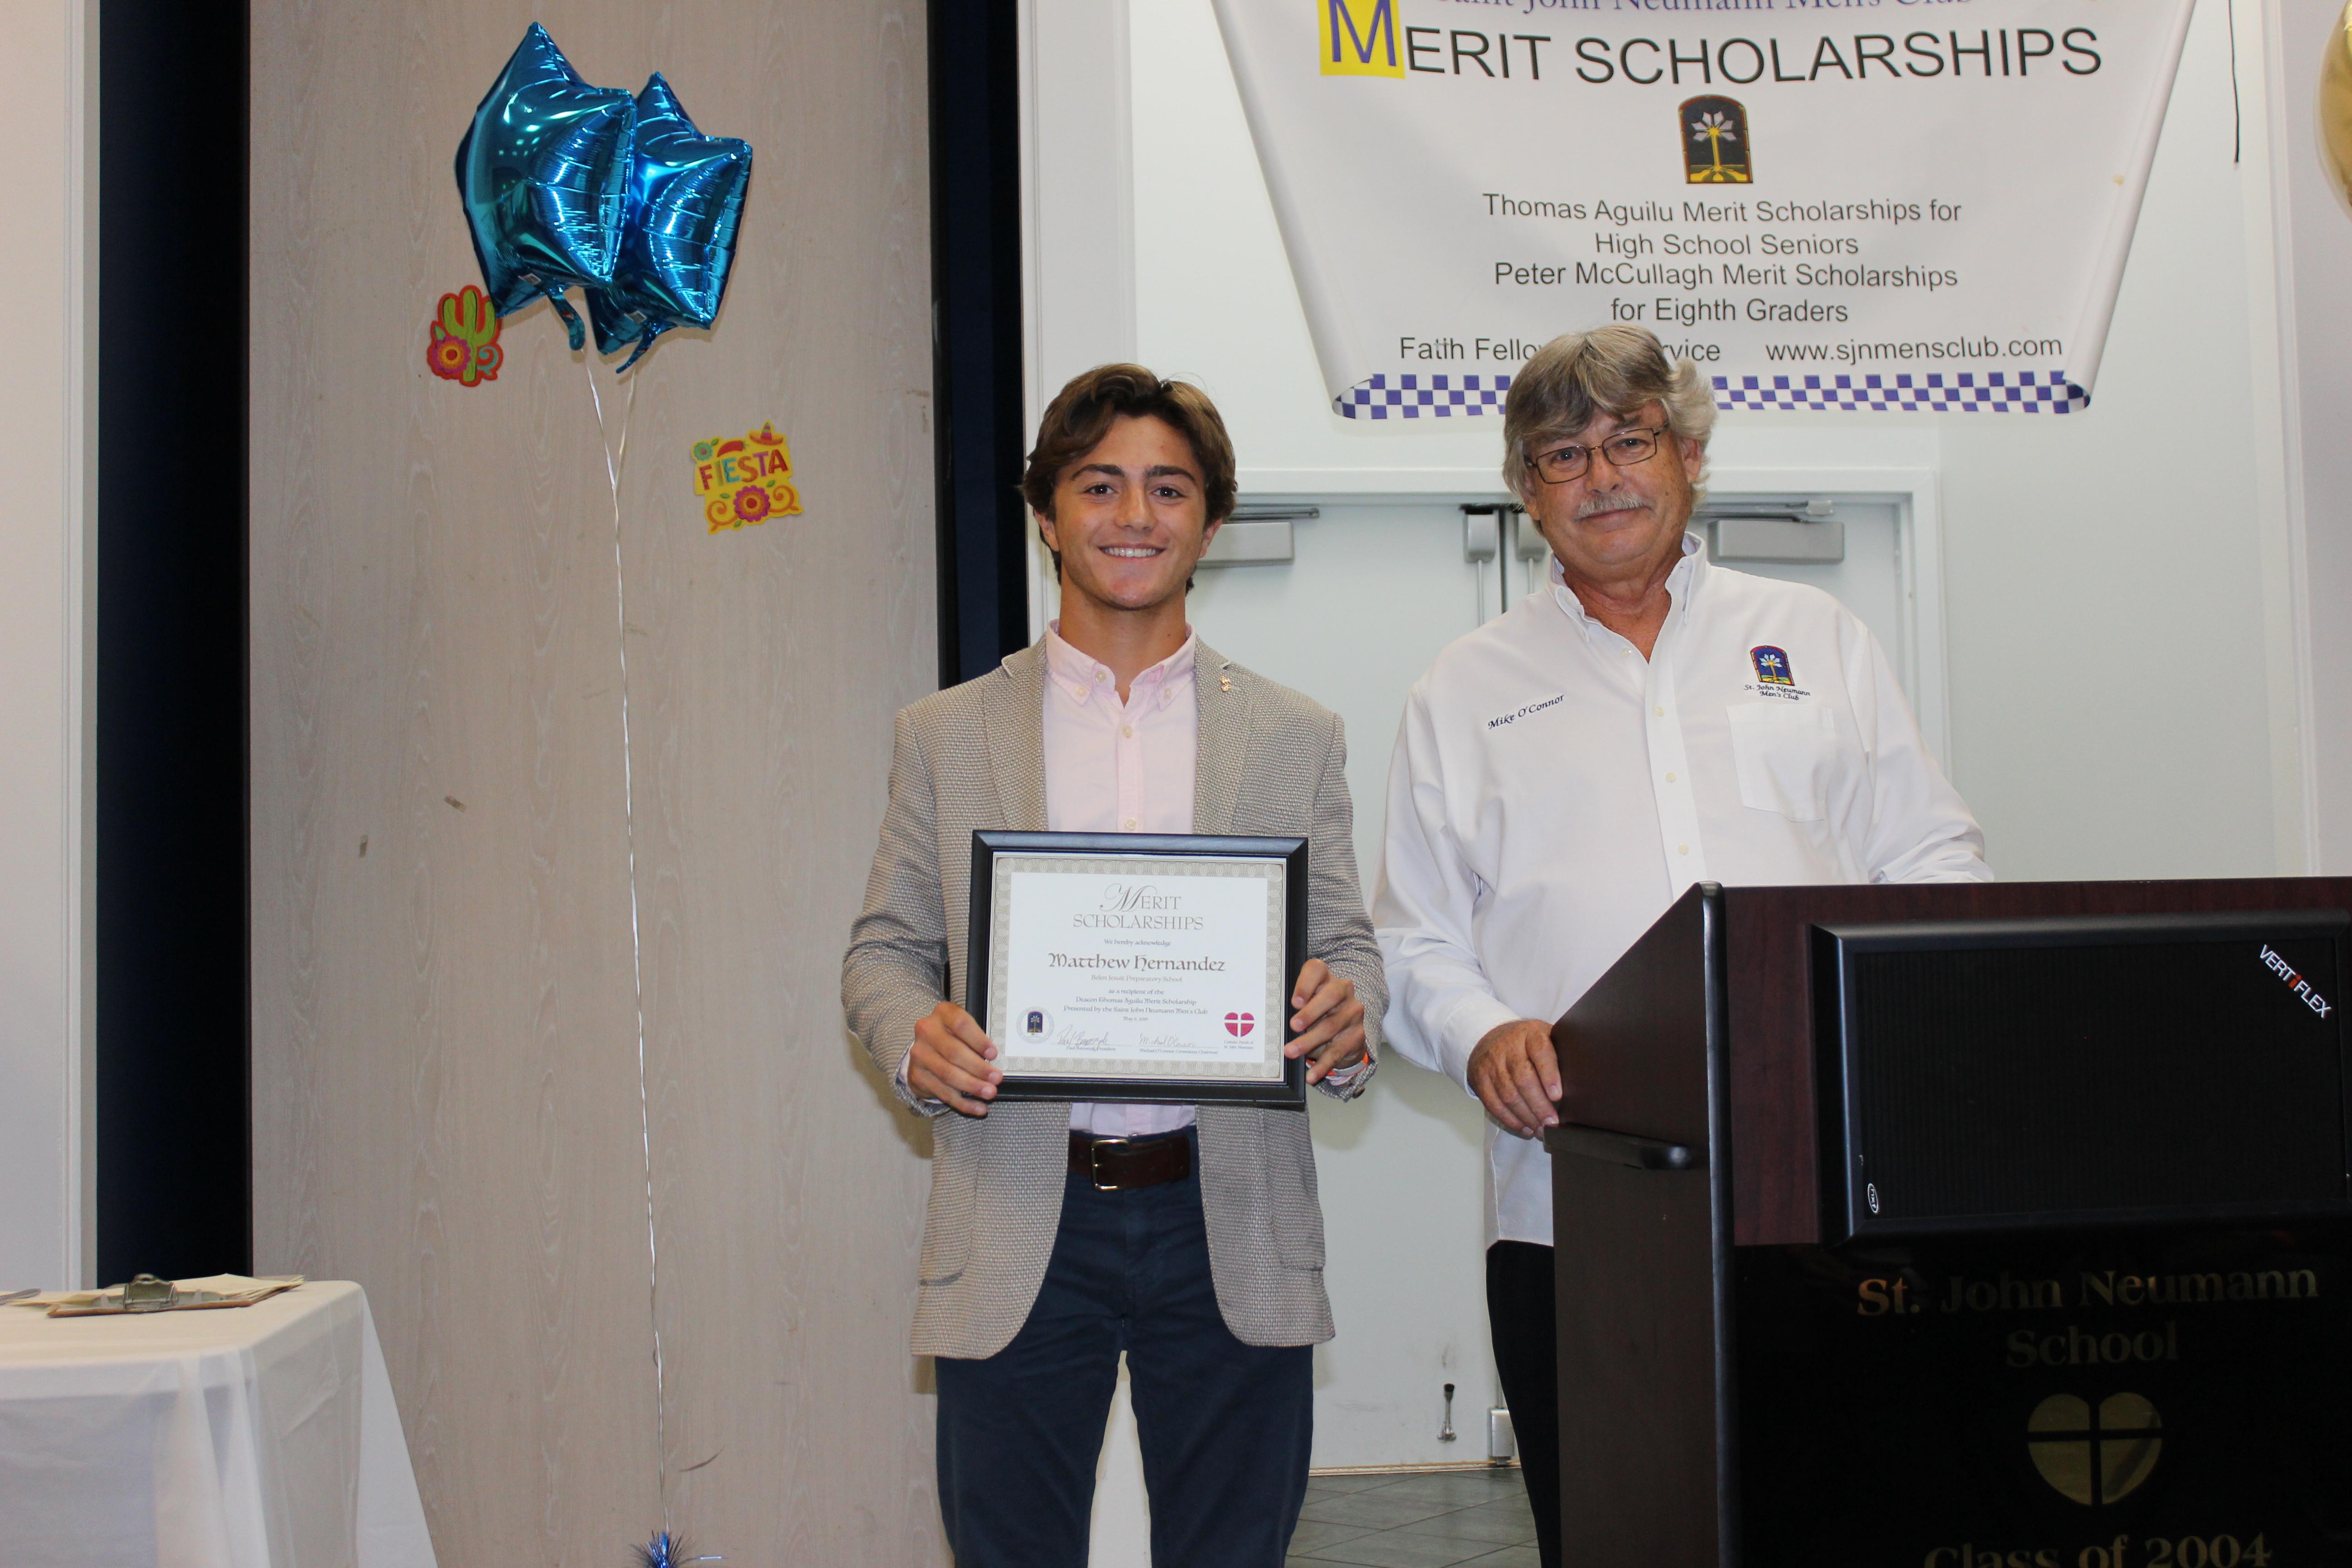 Matthew Hernandez Scholar